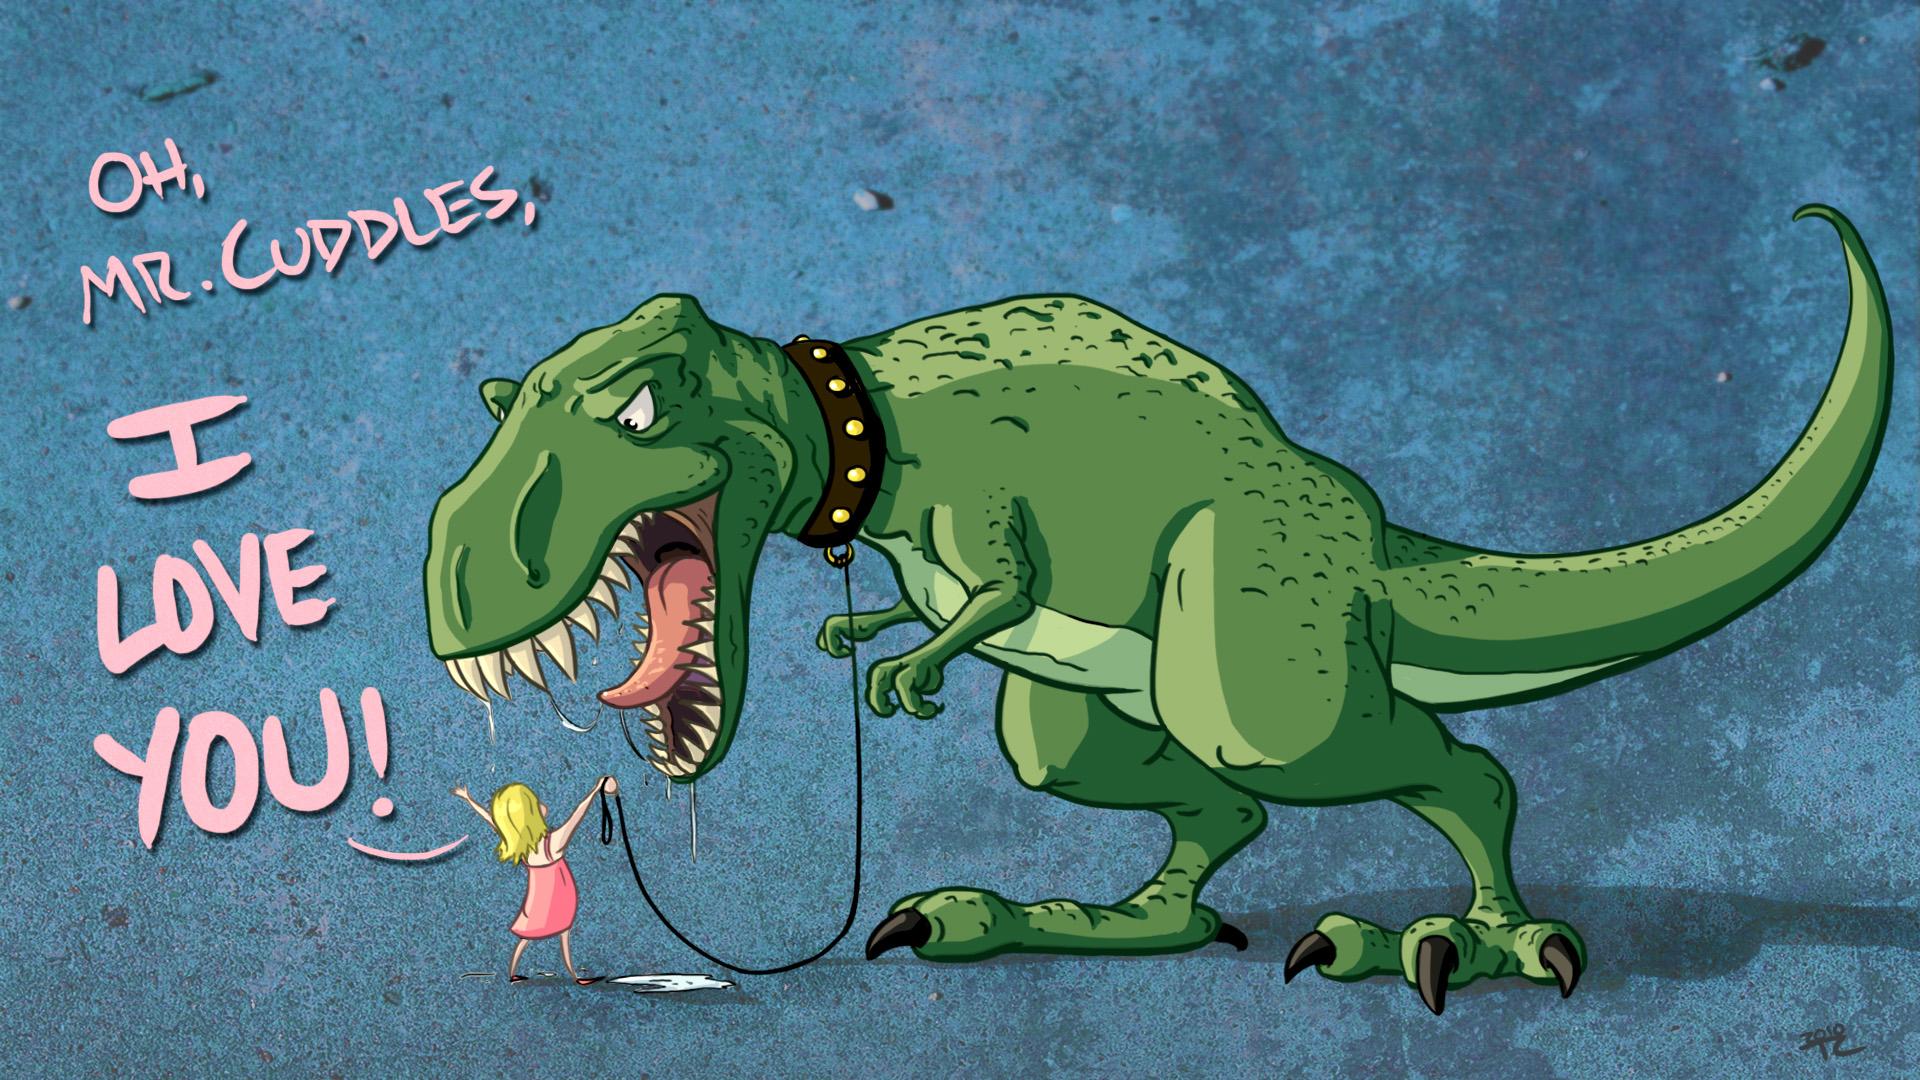 top 10 dinosaur wallpaper designs dinosaur wallpaper 1 mr cuddles 1920x1080